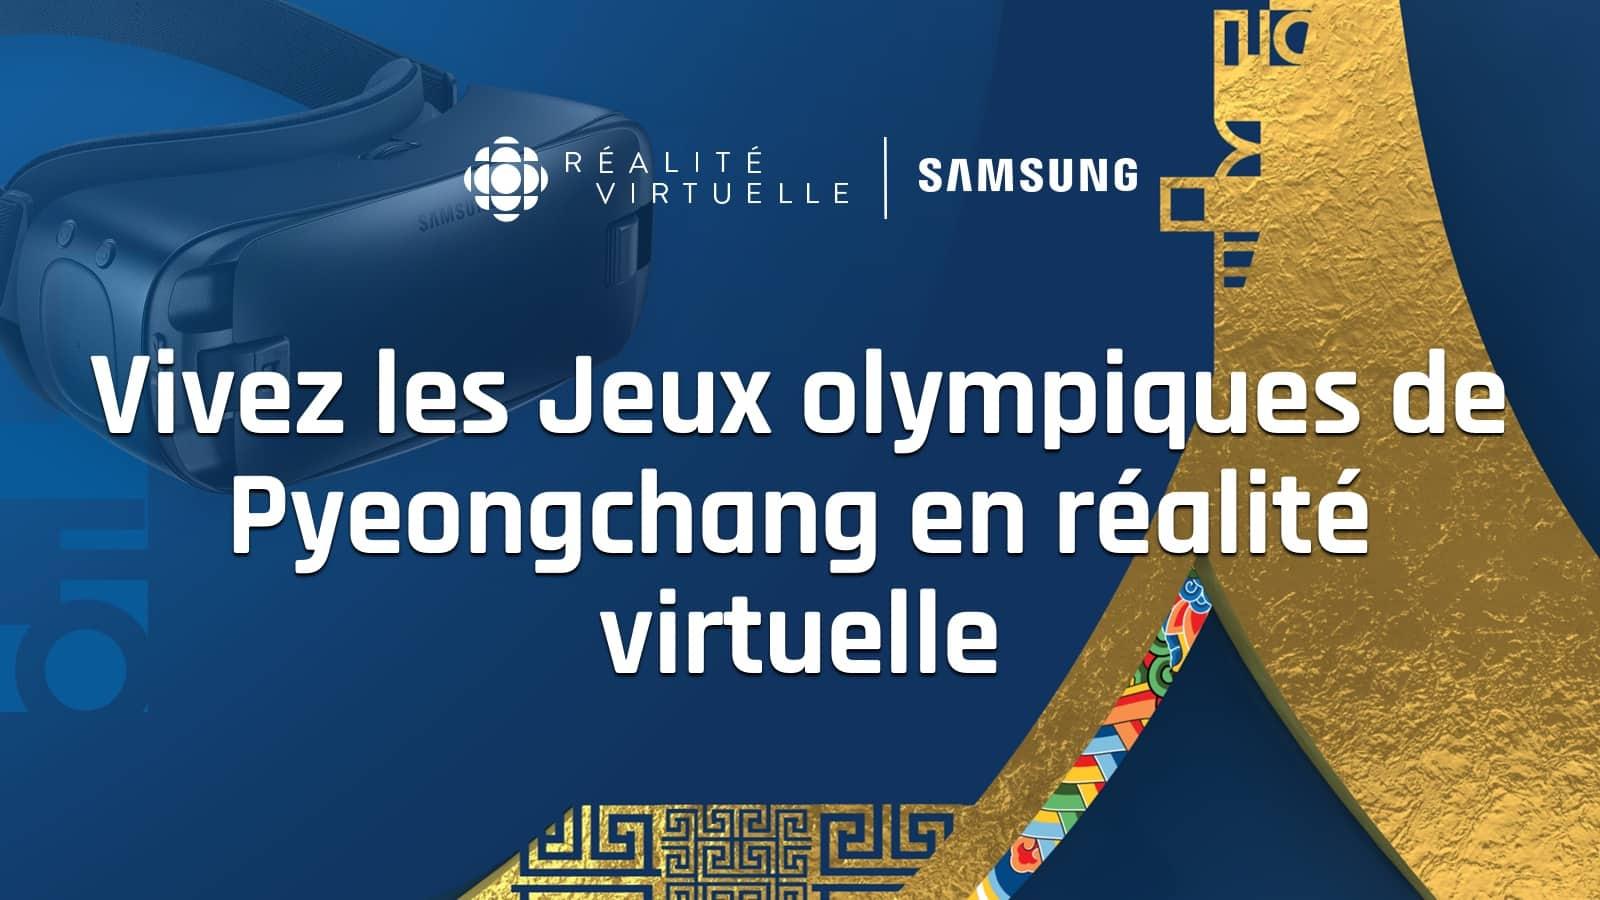 vivez les jeux olympiques de pyeongchang en r alit virtuelle. Black Bedroom Furniture Sets. Home Design Ideas